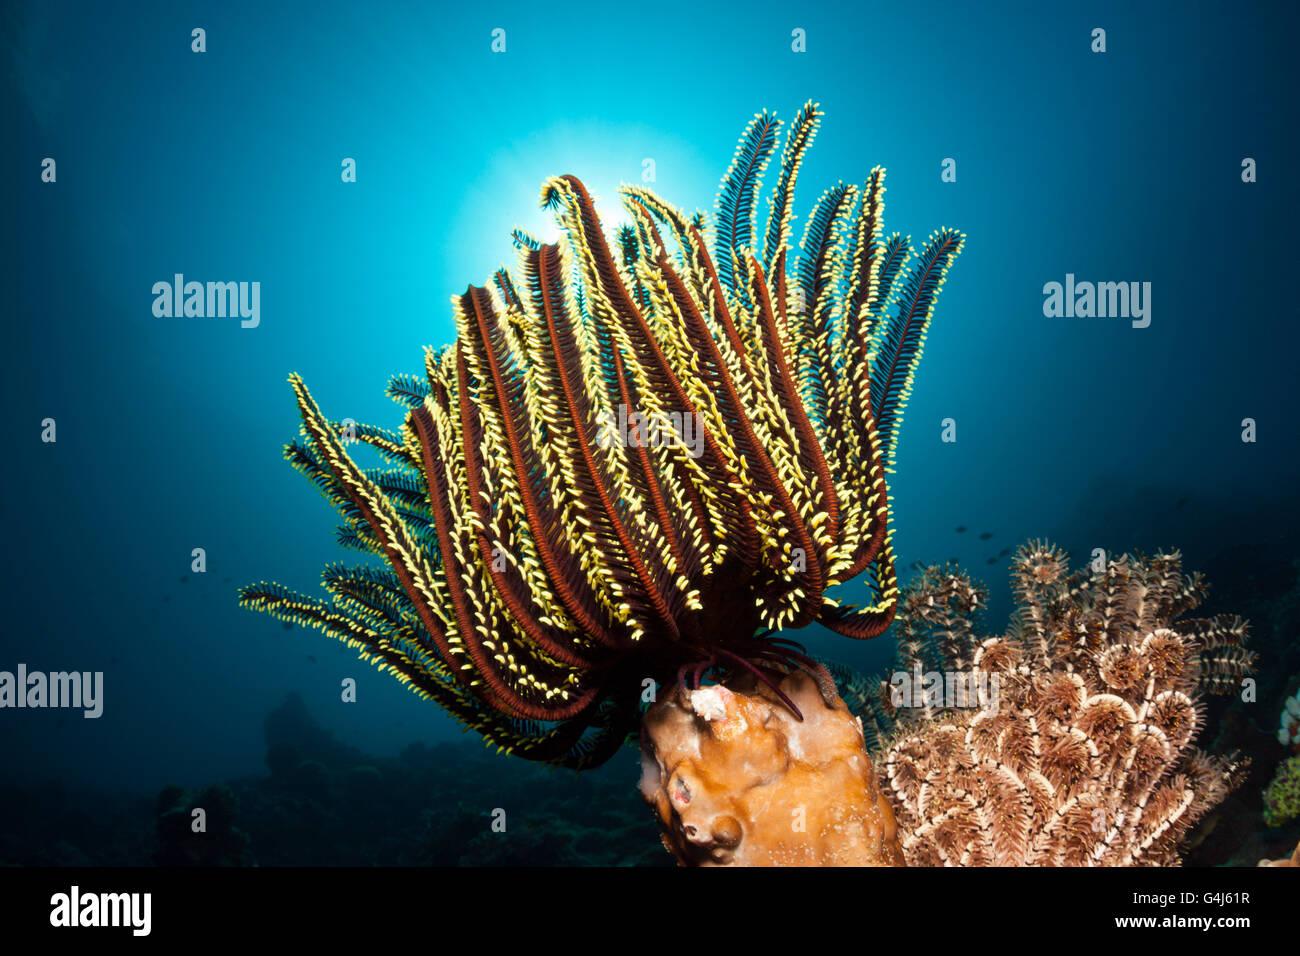 Dans les récifs coralliens des crinoïdes, Oxycomanthus bennetti, Ambon, Moluques, Indonésie Banque D'Images